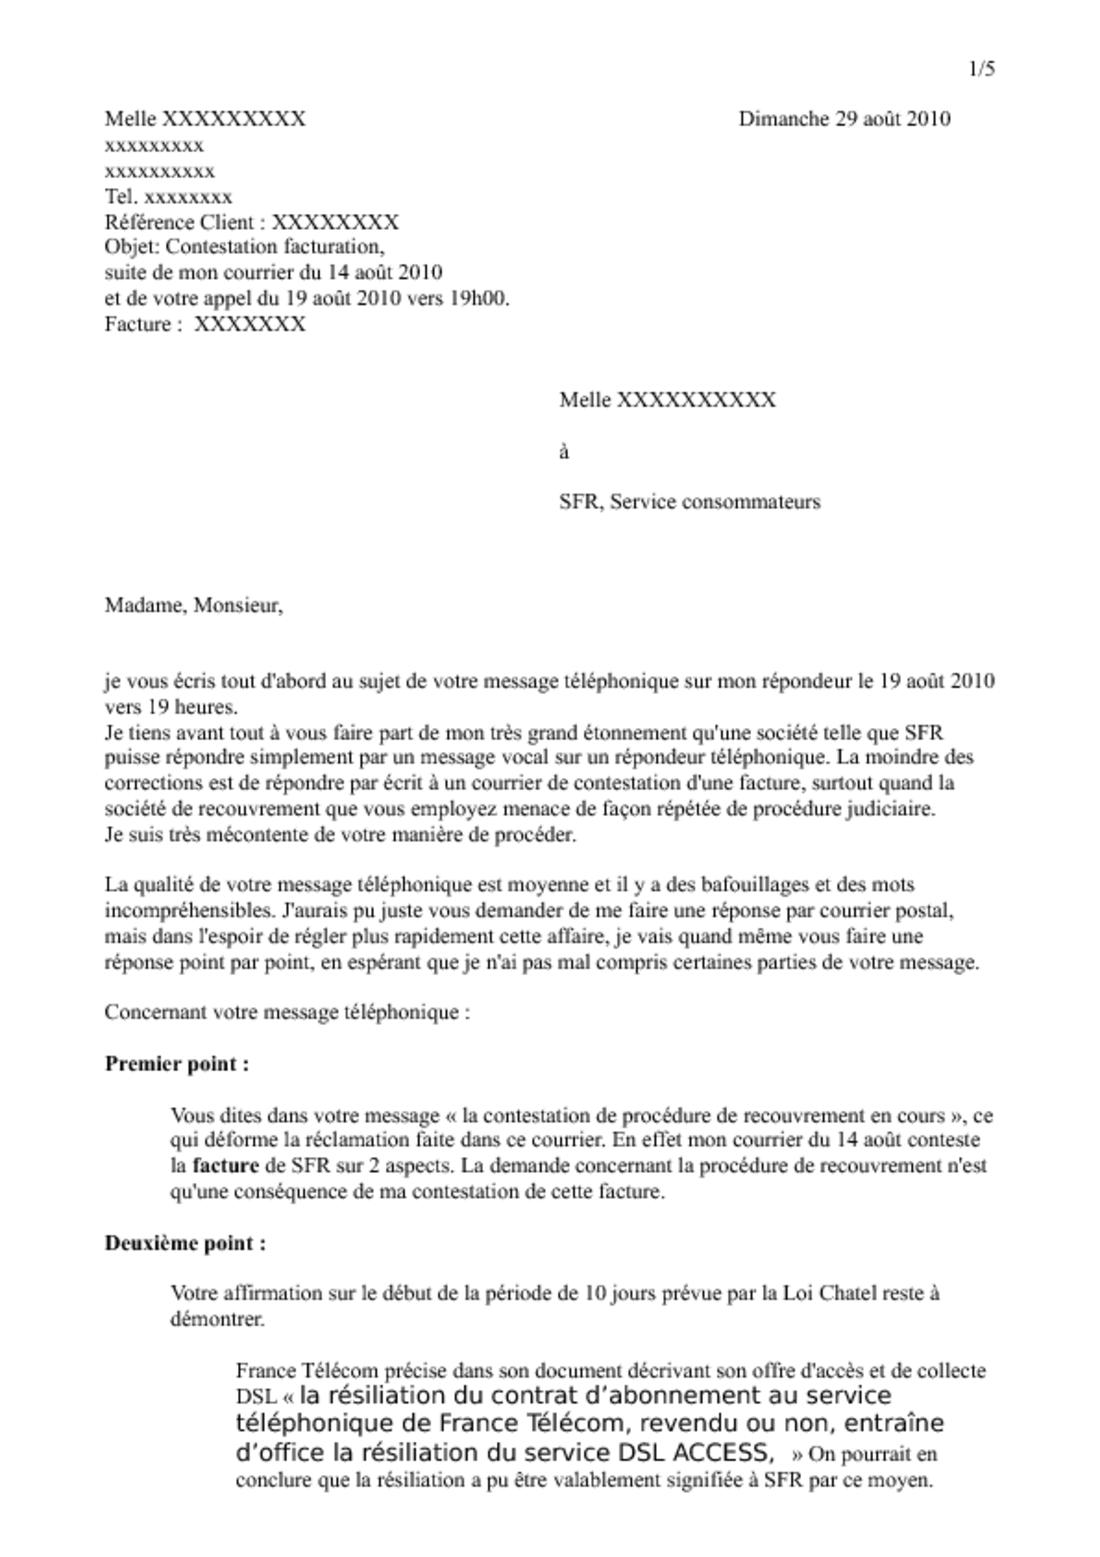 Rtf Exemple De Lettre De Resiliation Sfr